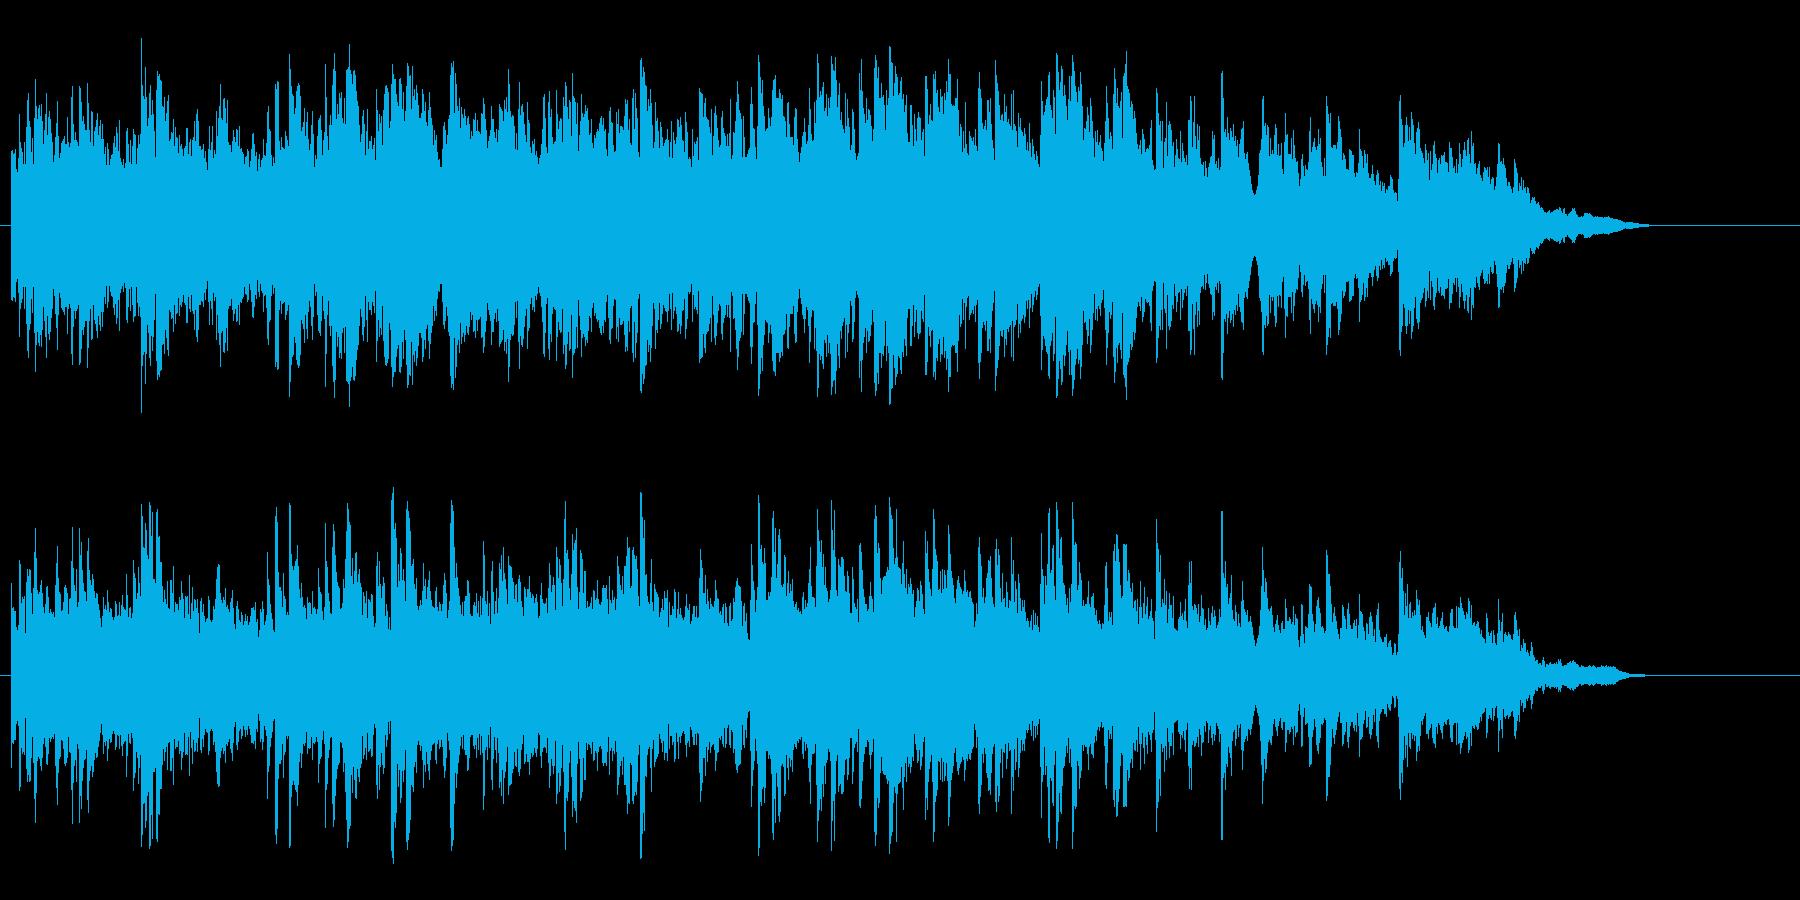 感動的な愛のピアノバラード/ブライダルの再生済みの波形